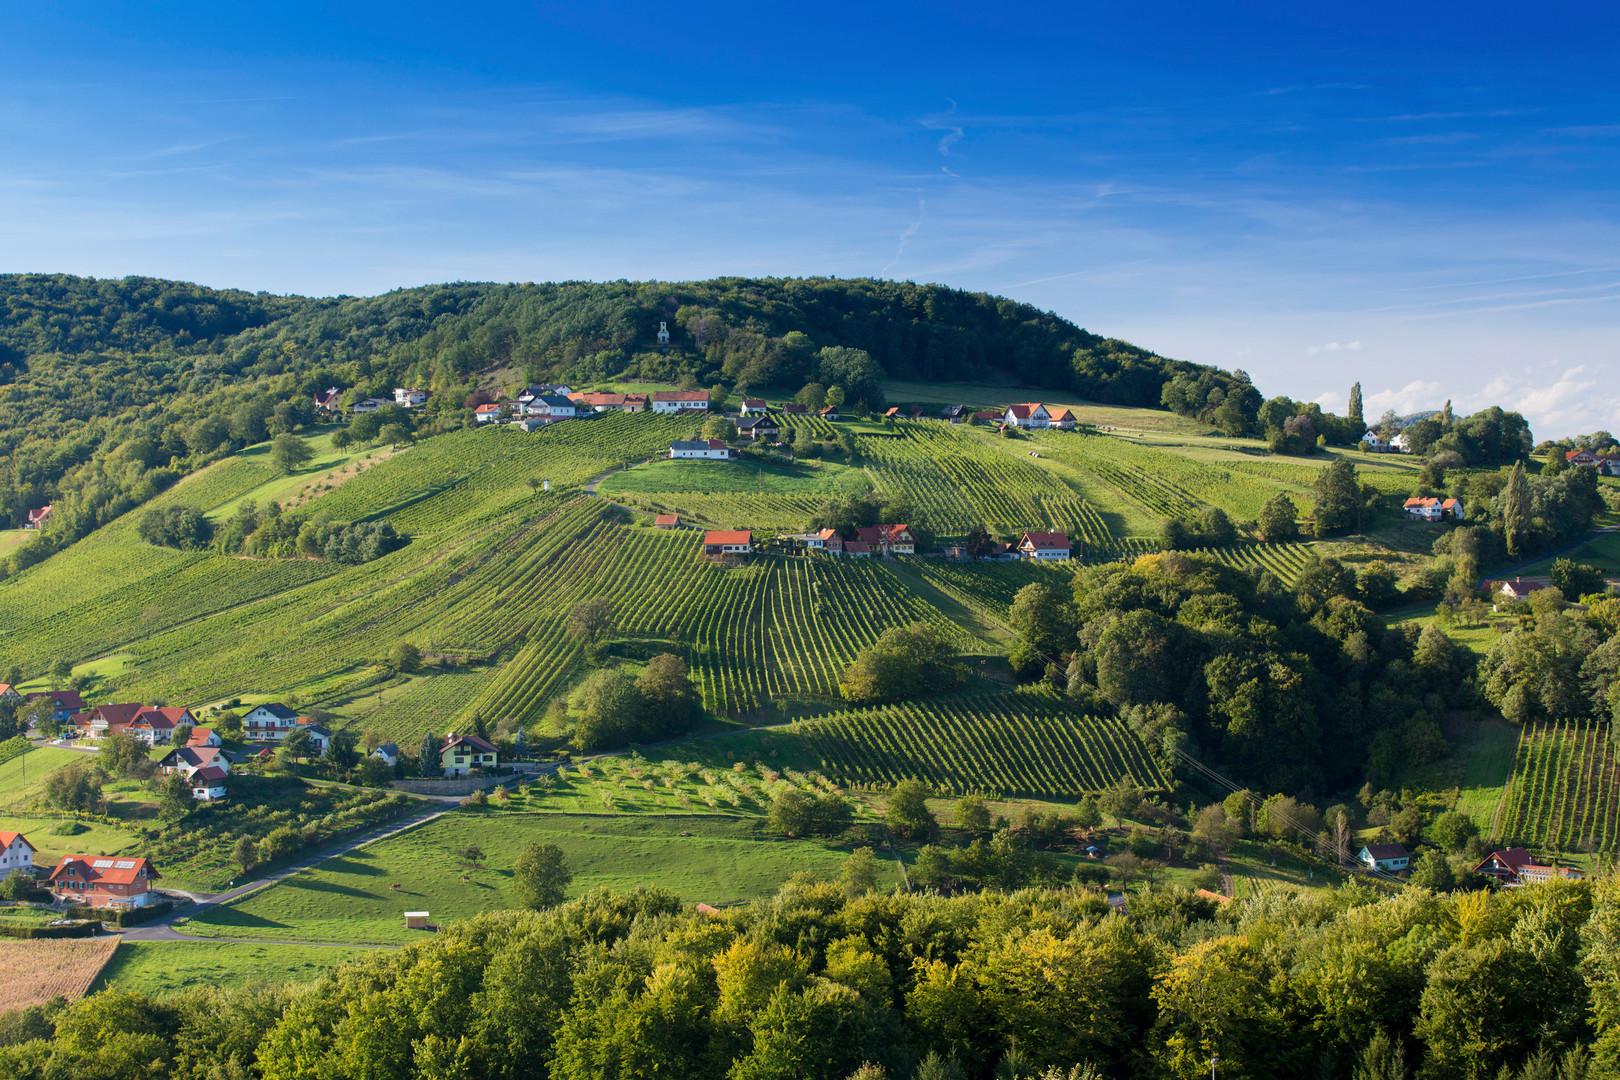 Vulkánföld Rosenbergnél Forrás: (c) Steiermark Tourismus